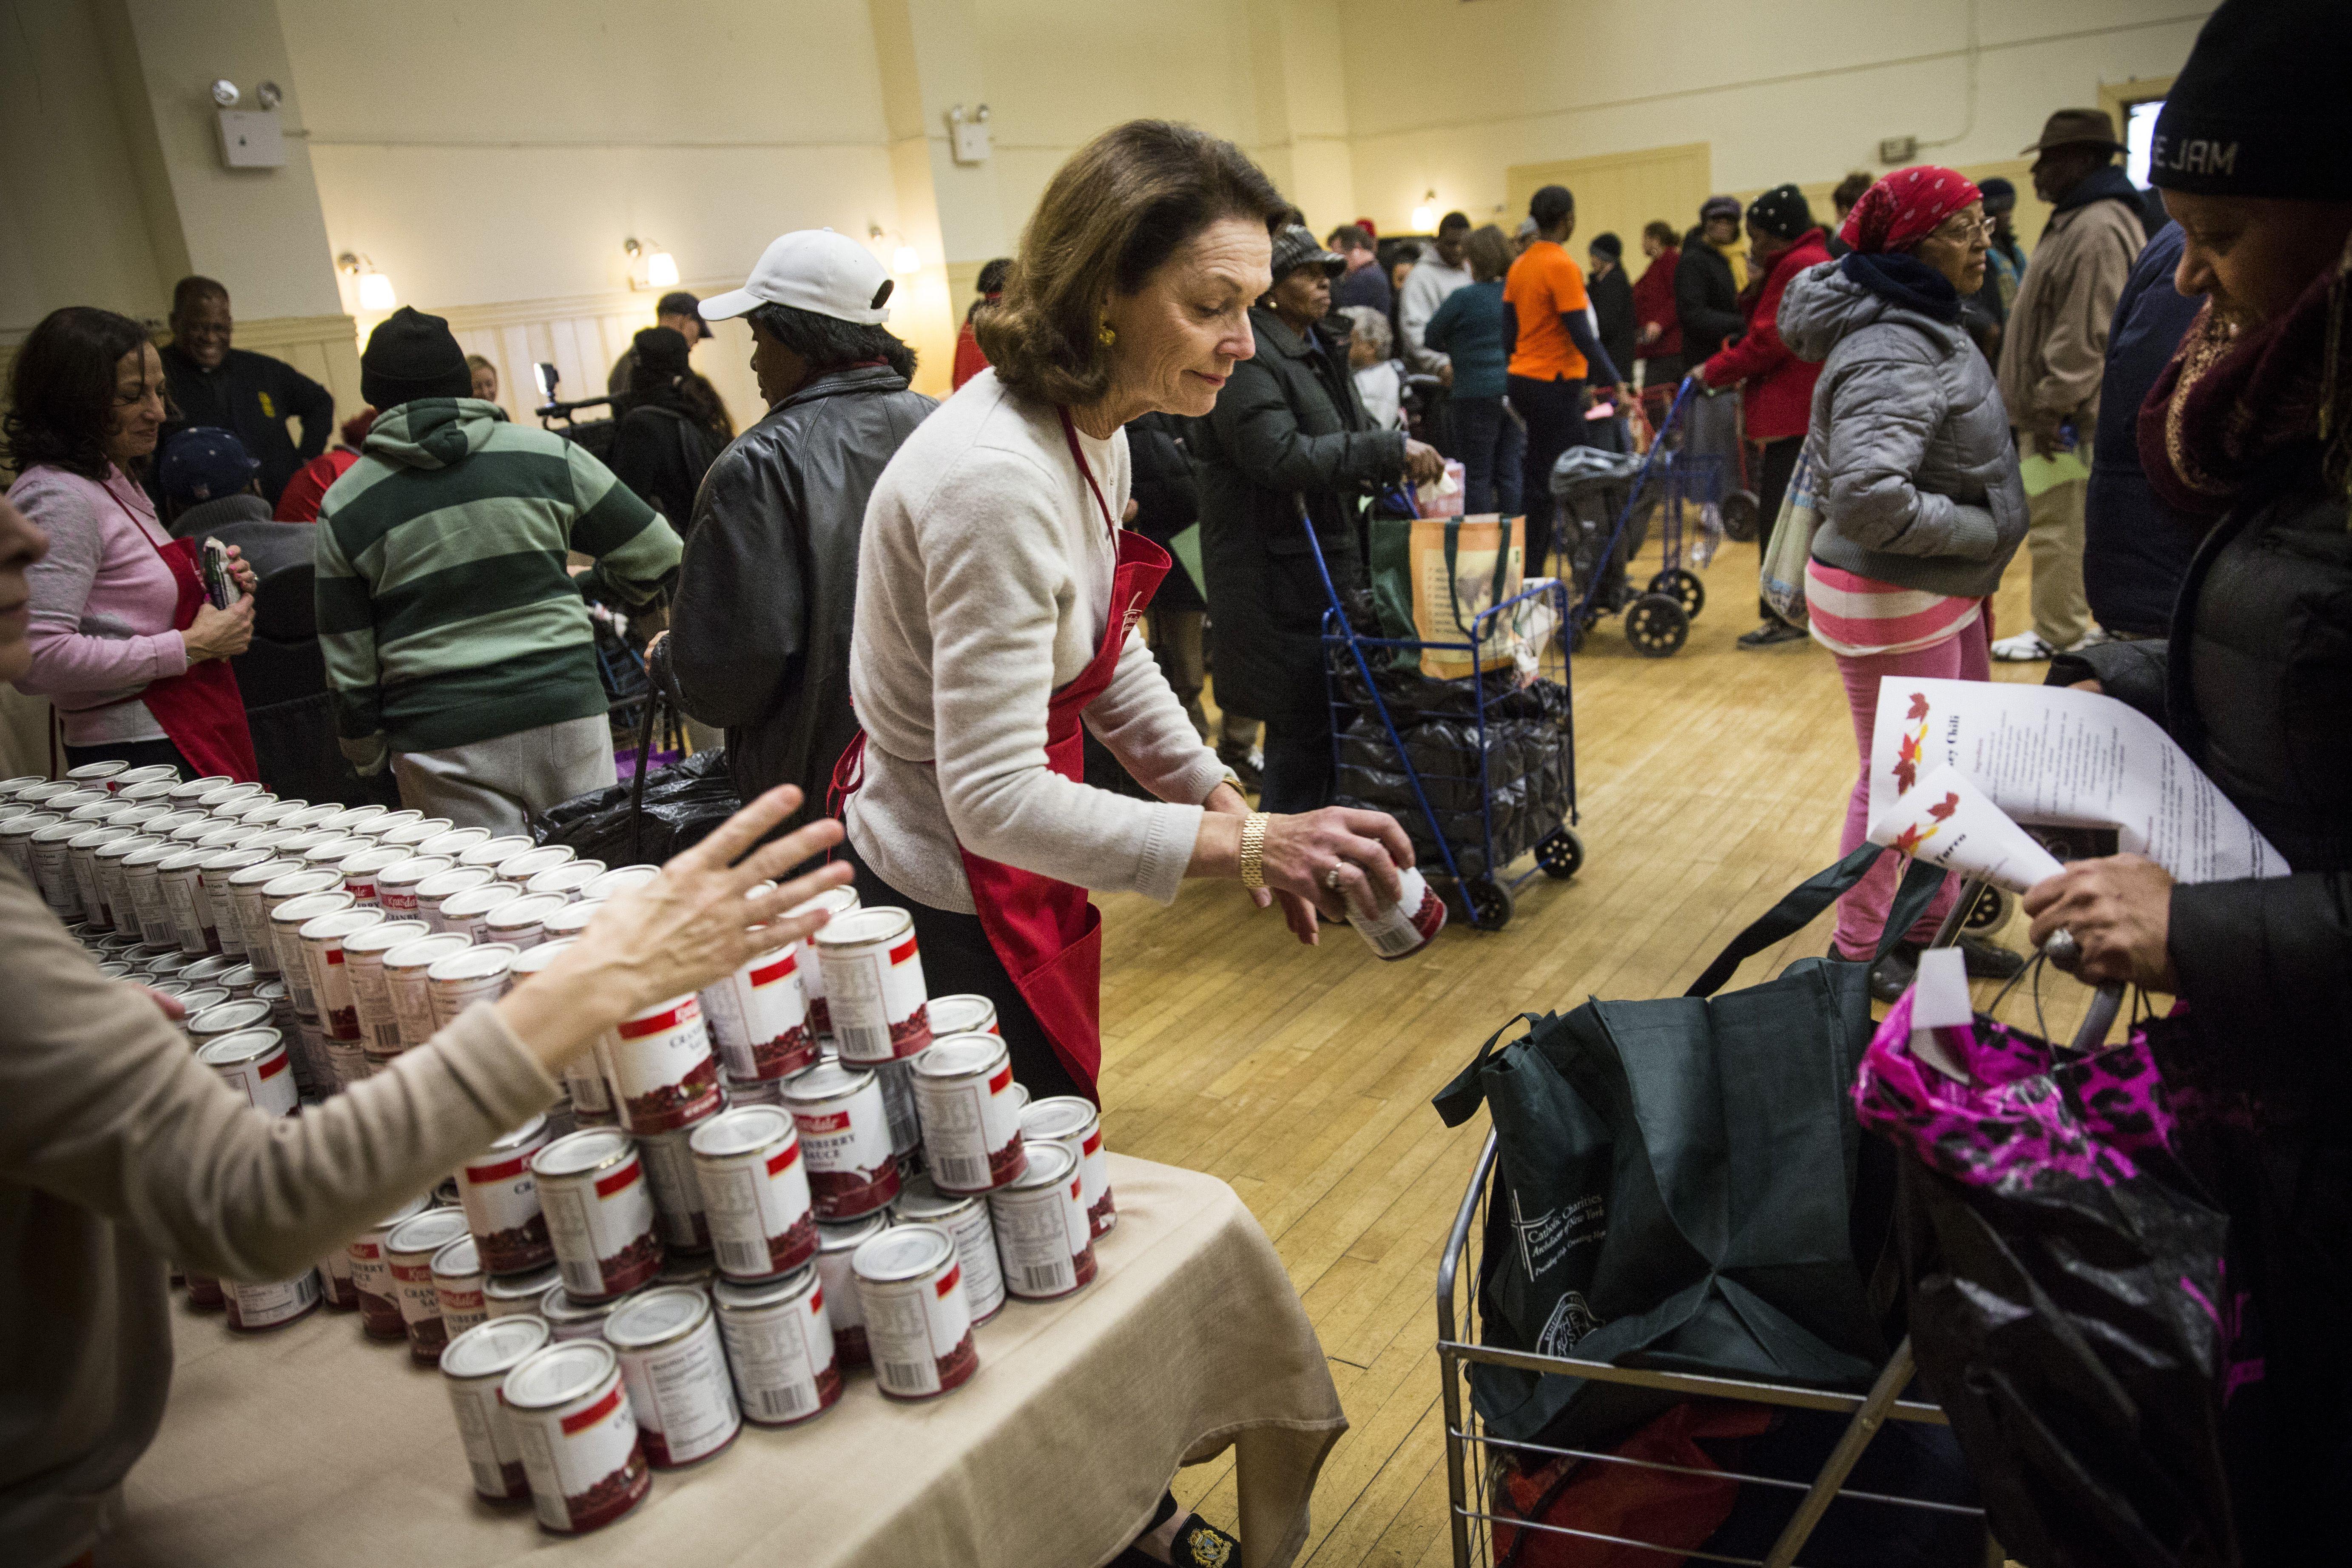 Caridades Católicas voluntarios manos productos enlatados durante Acción de Gracias